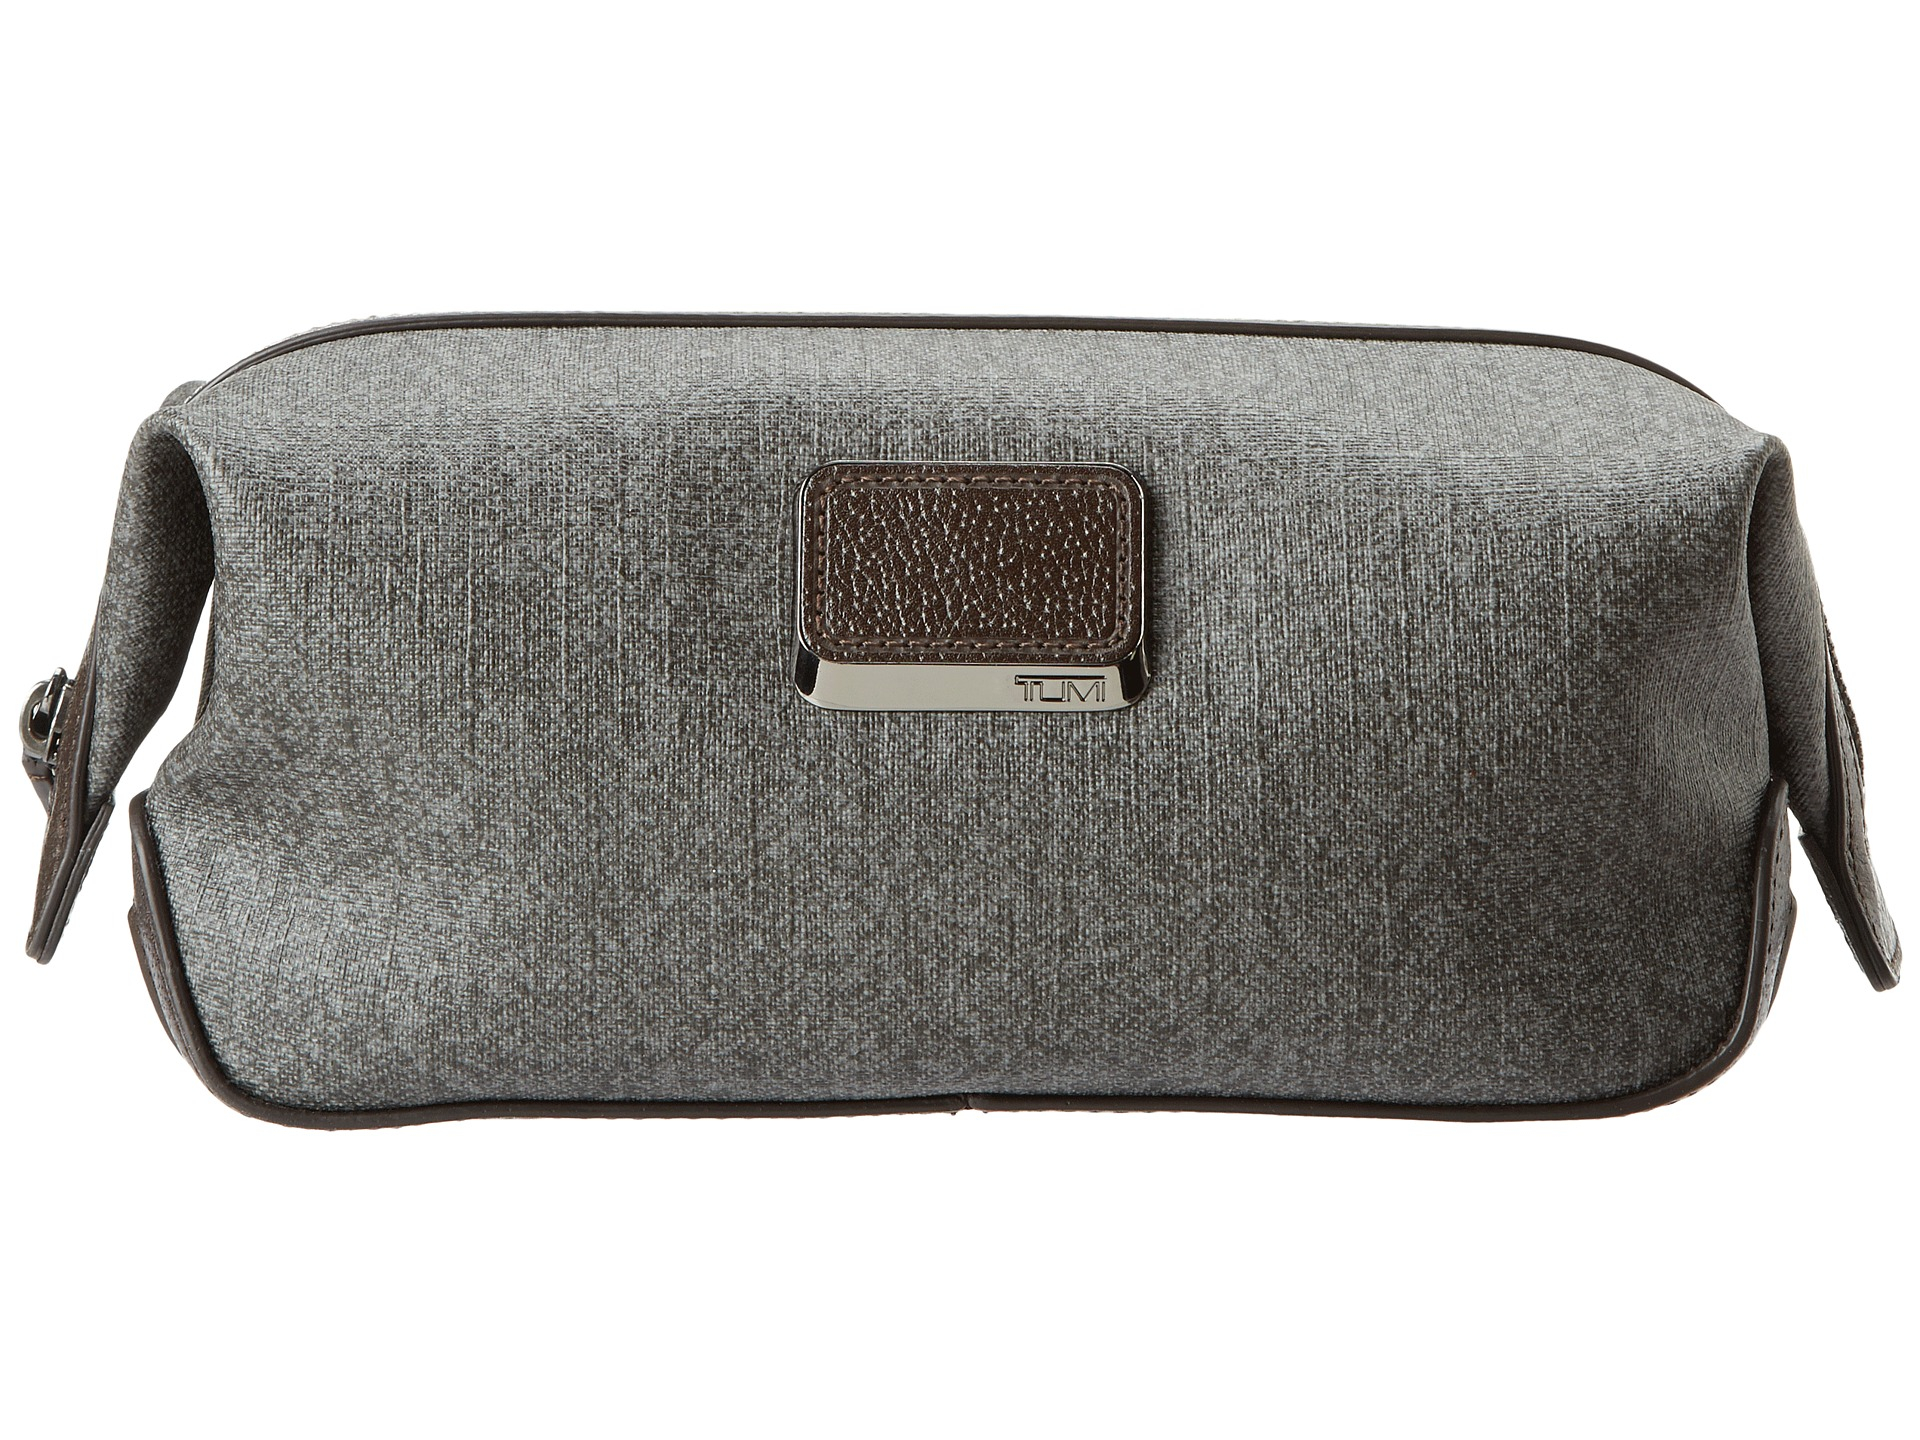 3acb4854c4 Lyst - Tumi Astor Cooper Travel Kit in Gray for Men